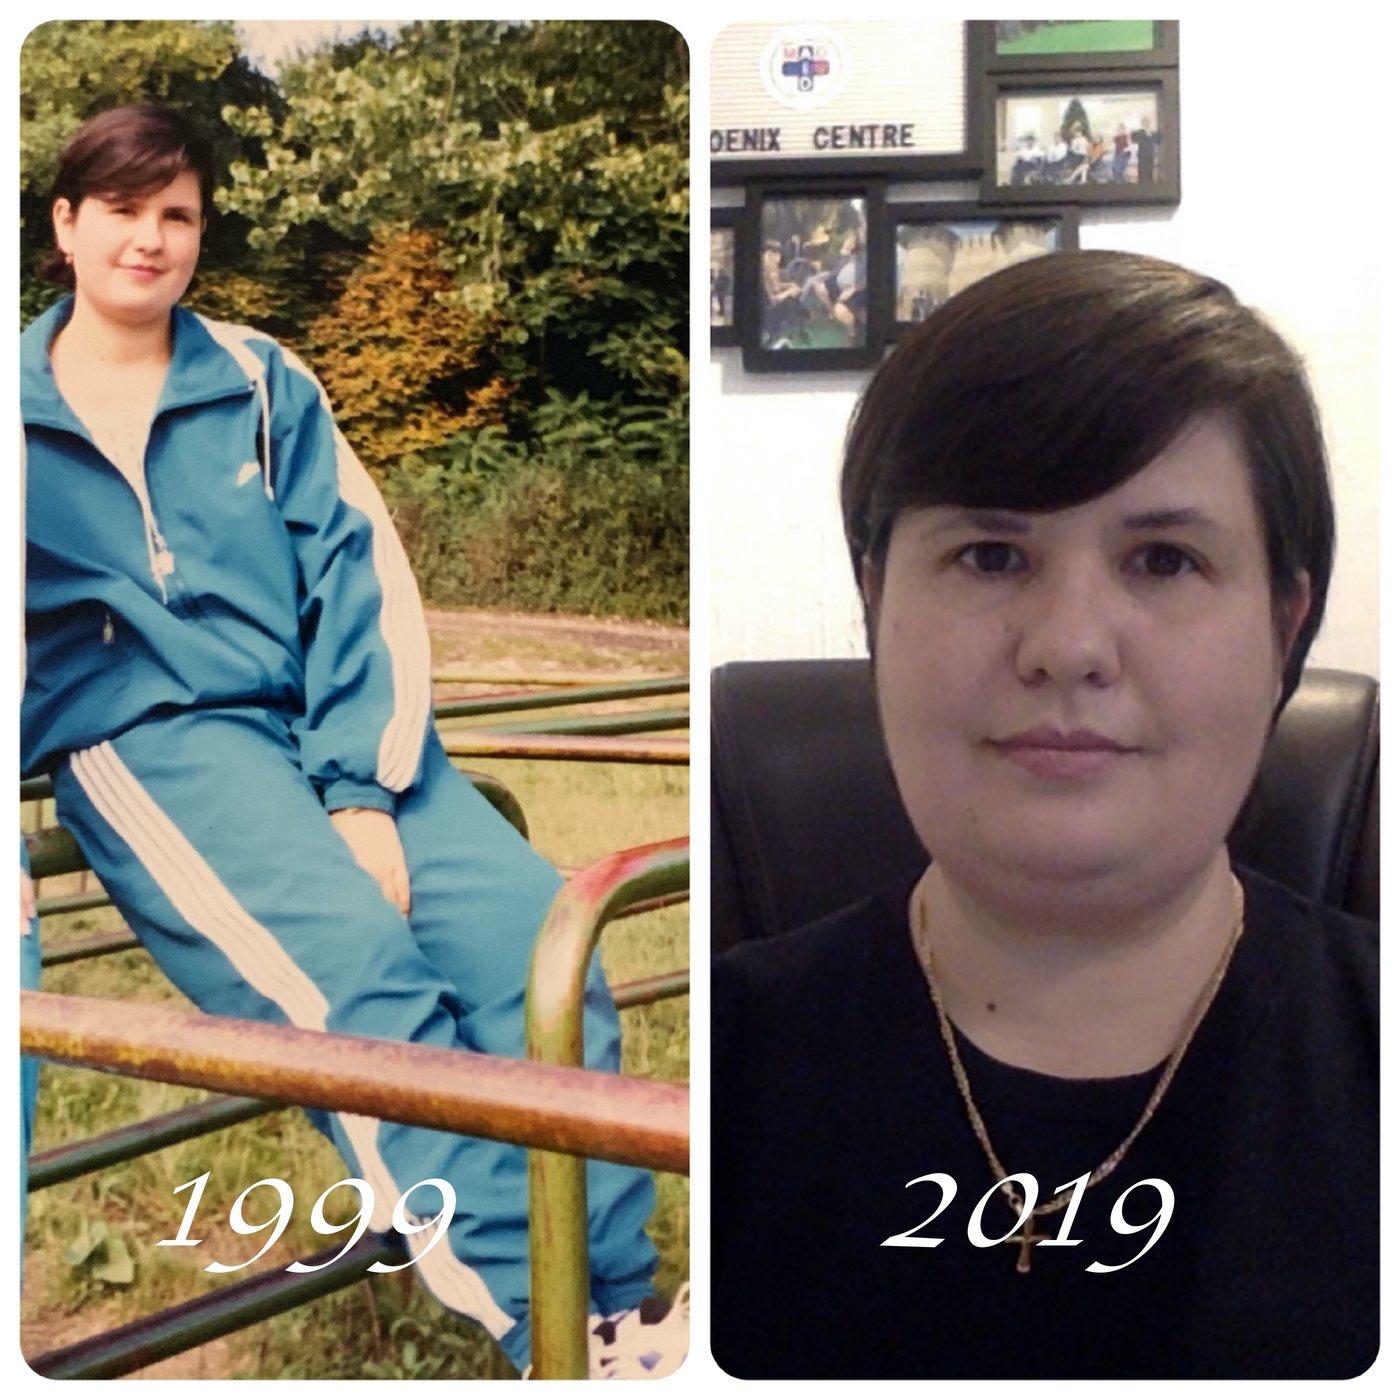 Ce se schimbă în 20 de ani